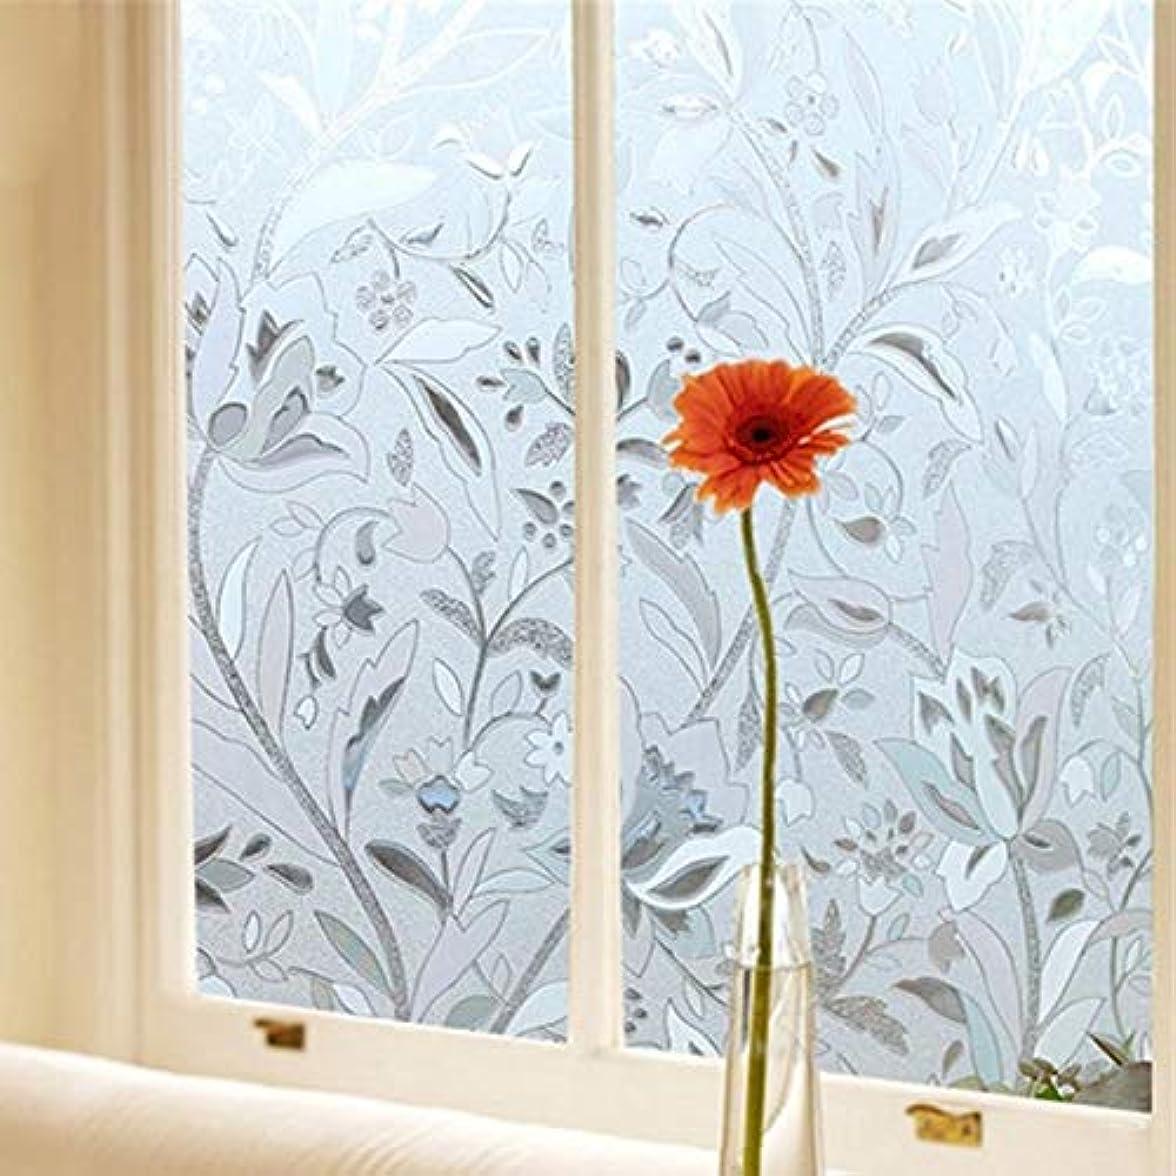 やりがいのあるミス角度YHWJP 窓用フィルム UV証明静的しがみつく曇らされたステンドグラスの窓の花のフィルムステッカープライバシーのホームインテリア 1, Size : 17.7x39.3in